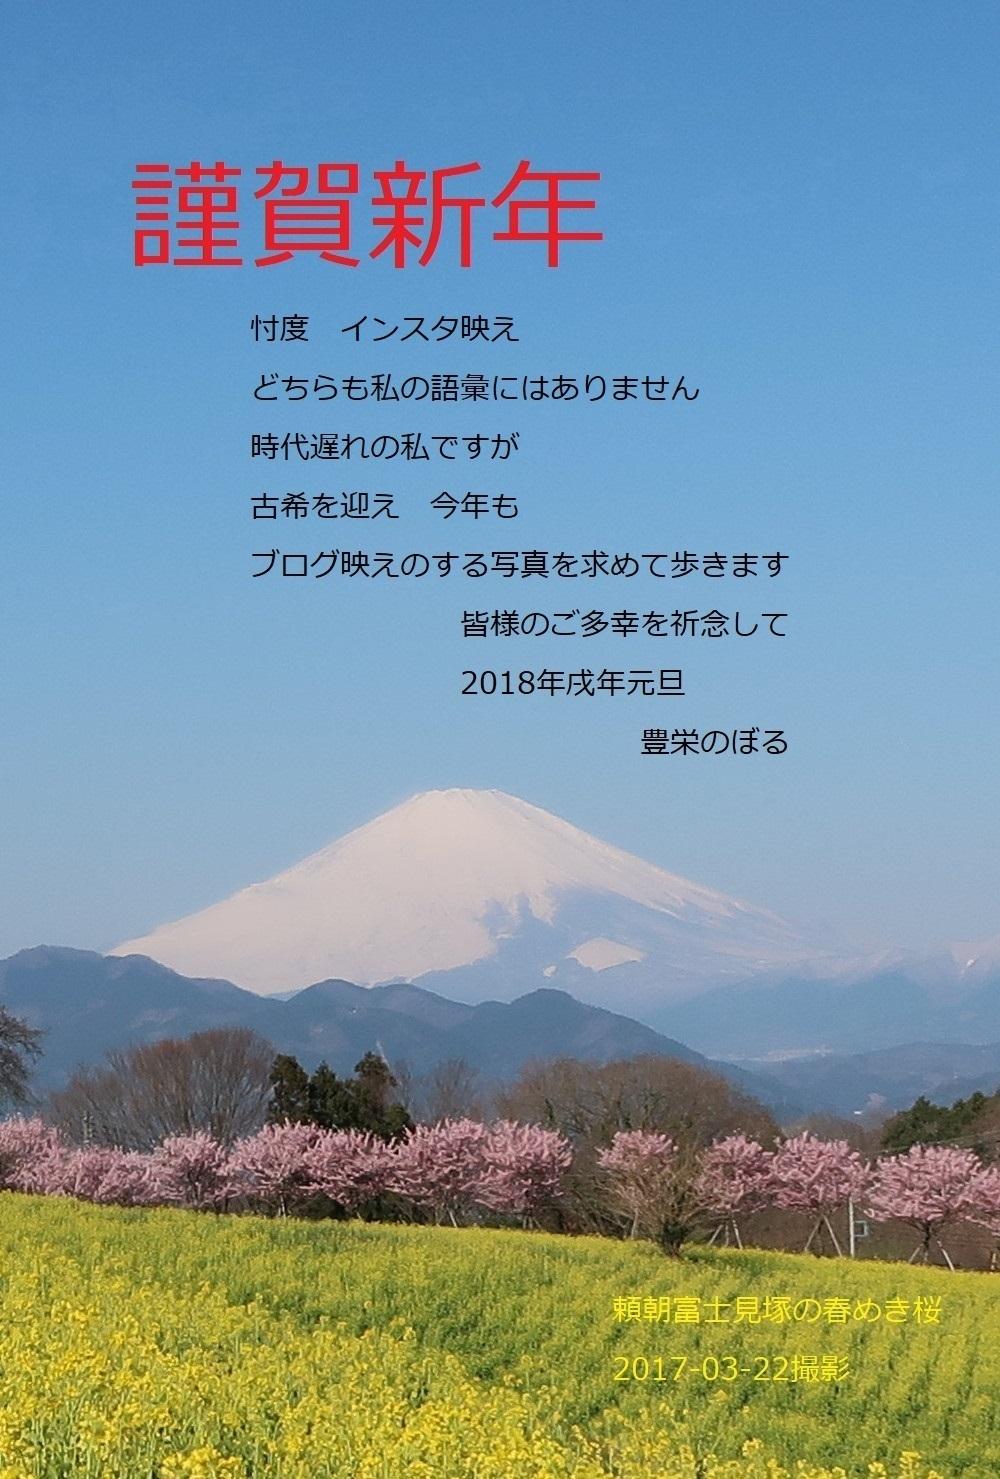 2018facebook賀状04